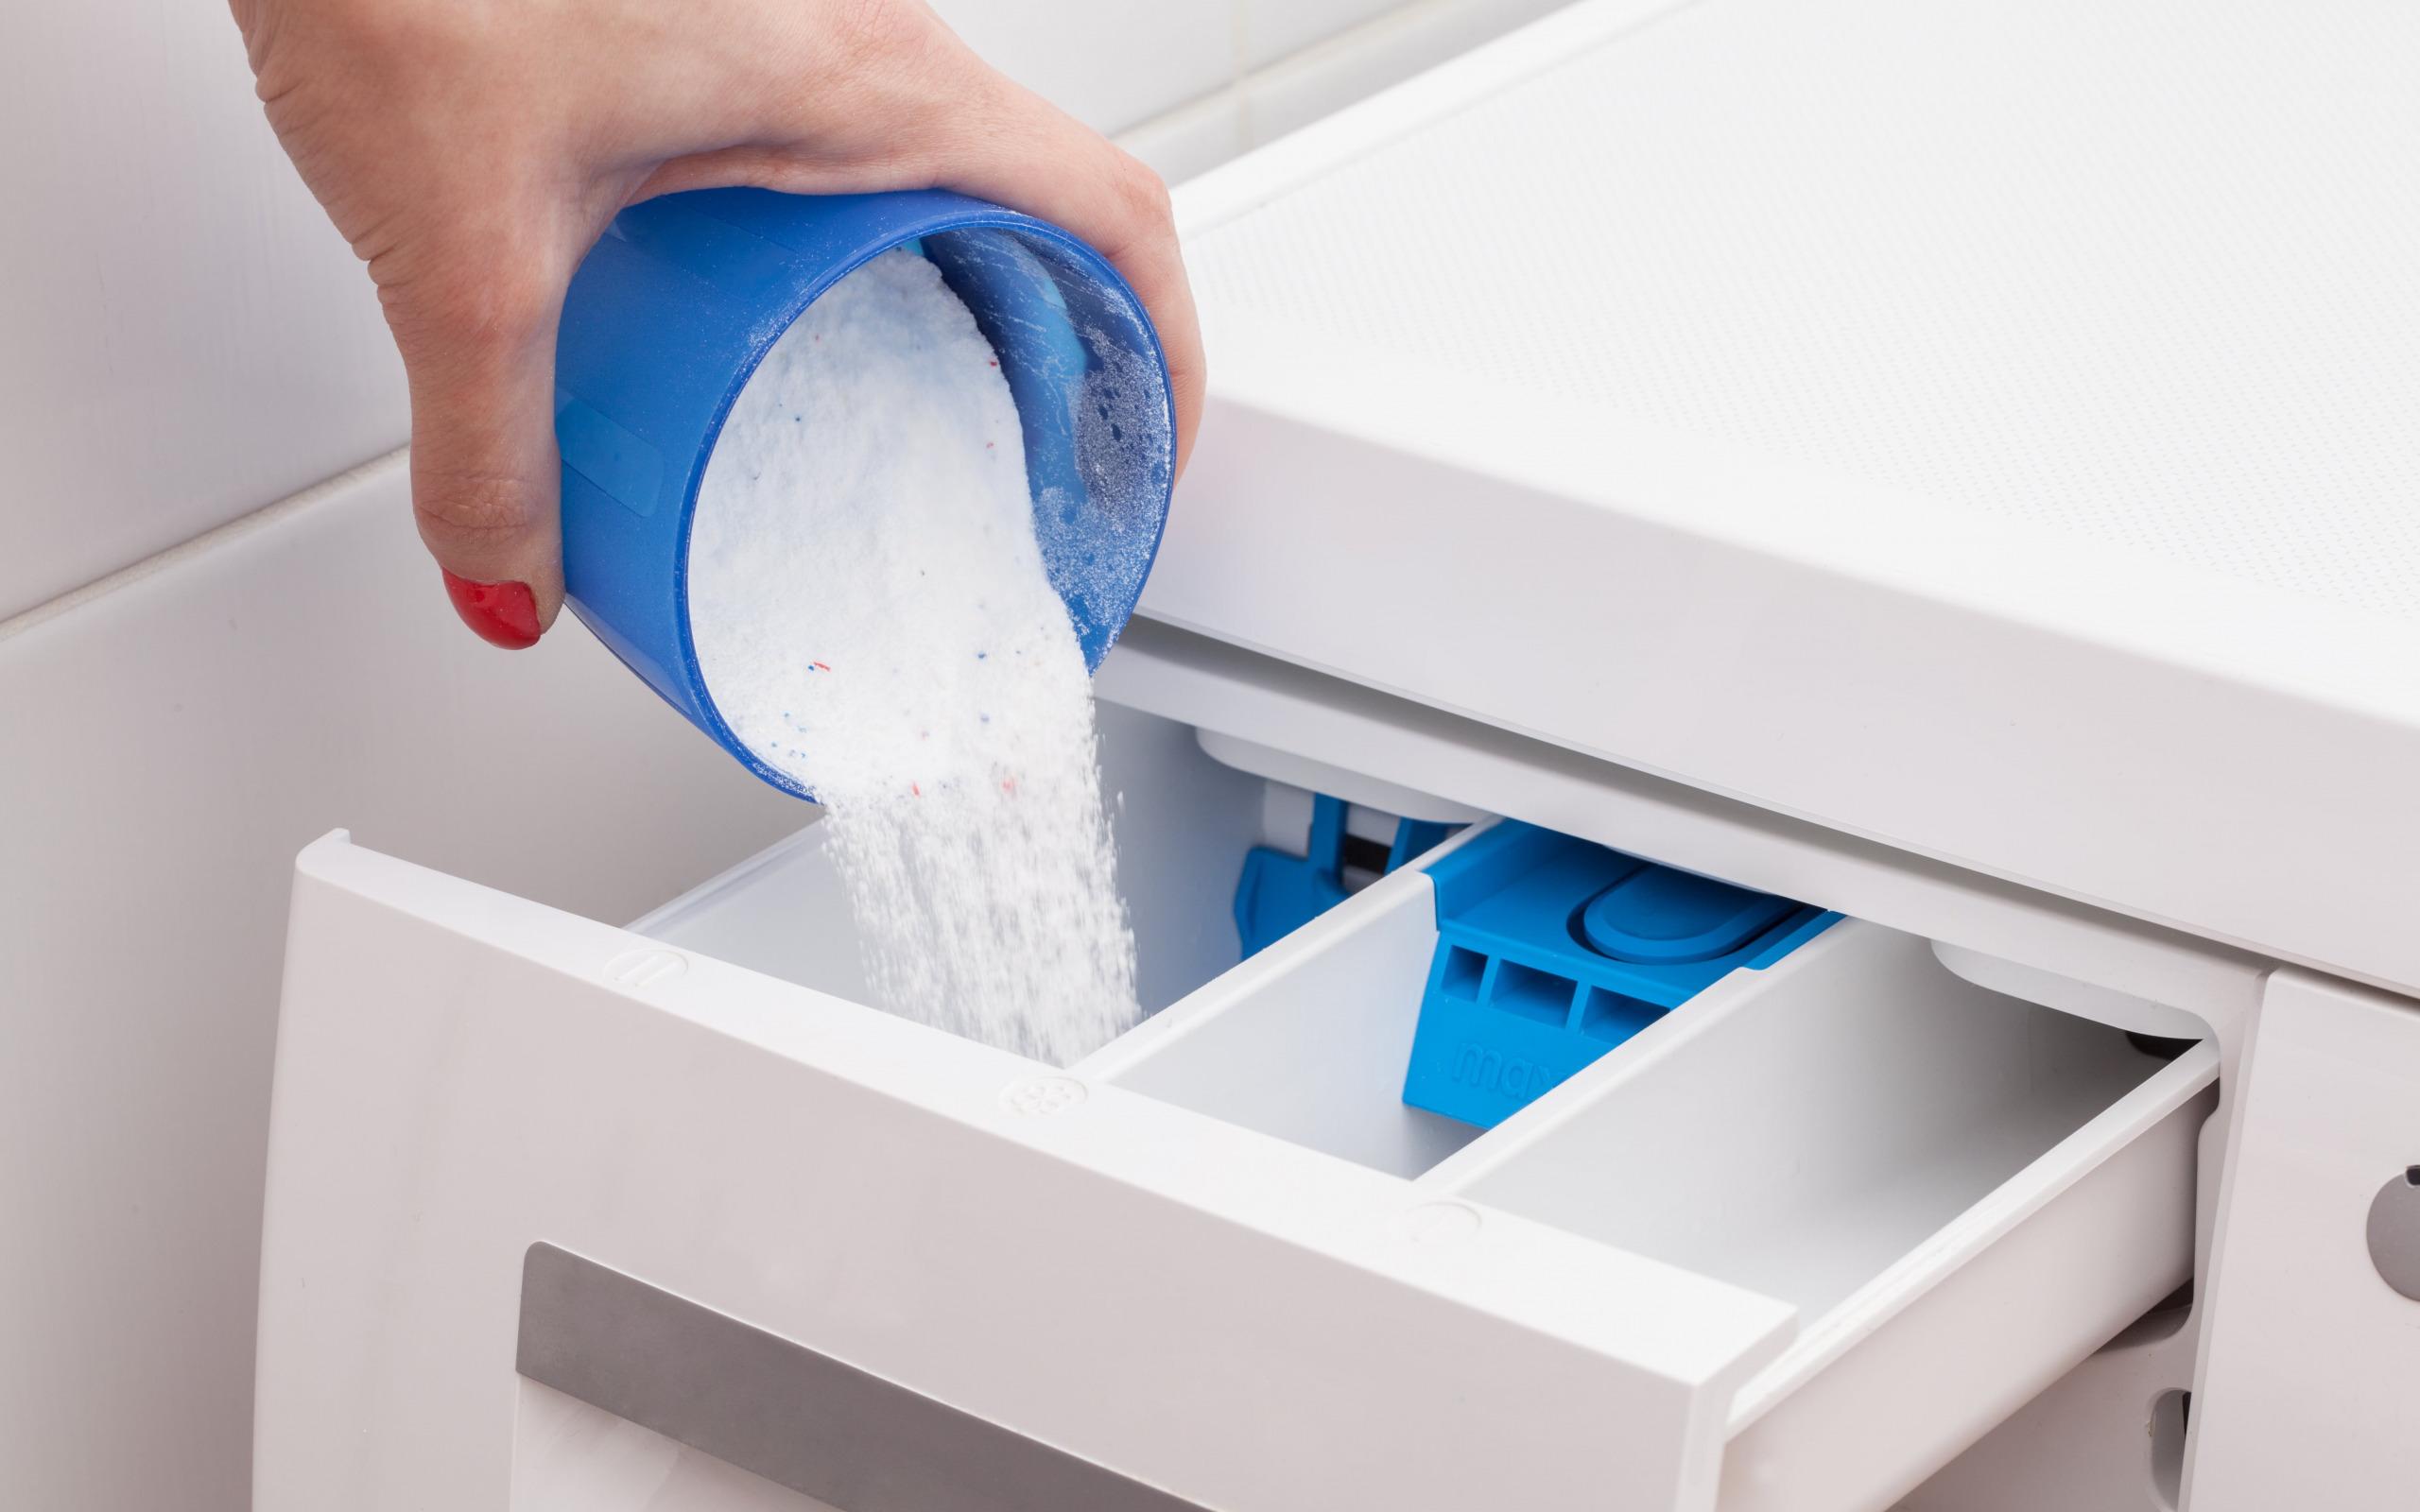 стиральный порошок в машинку